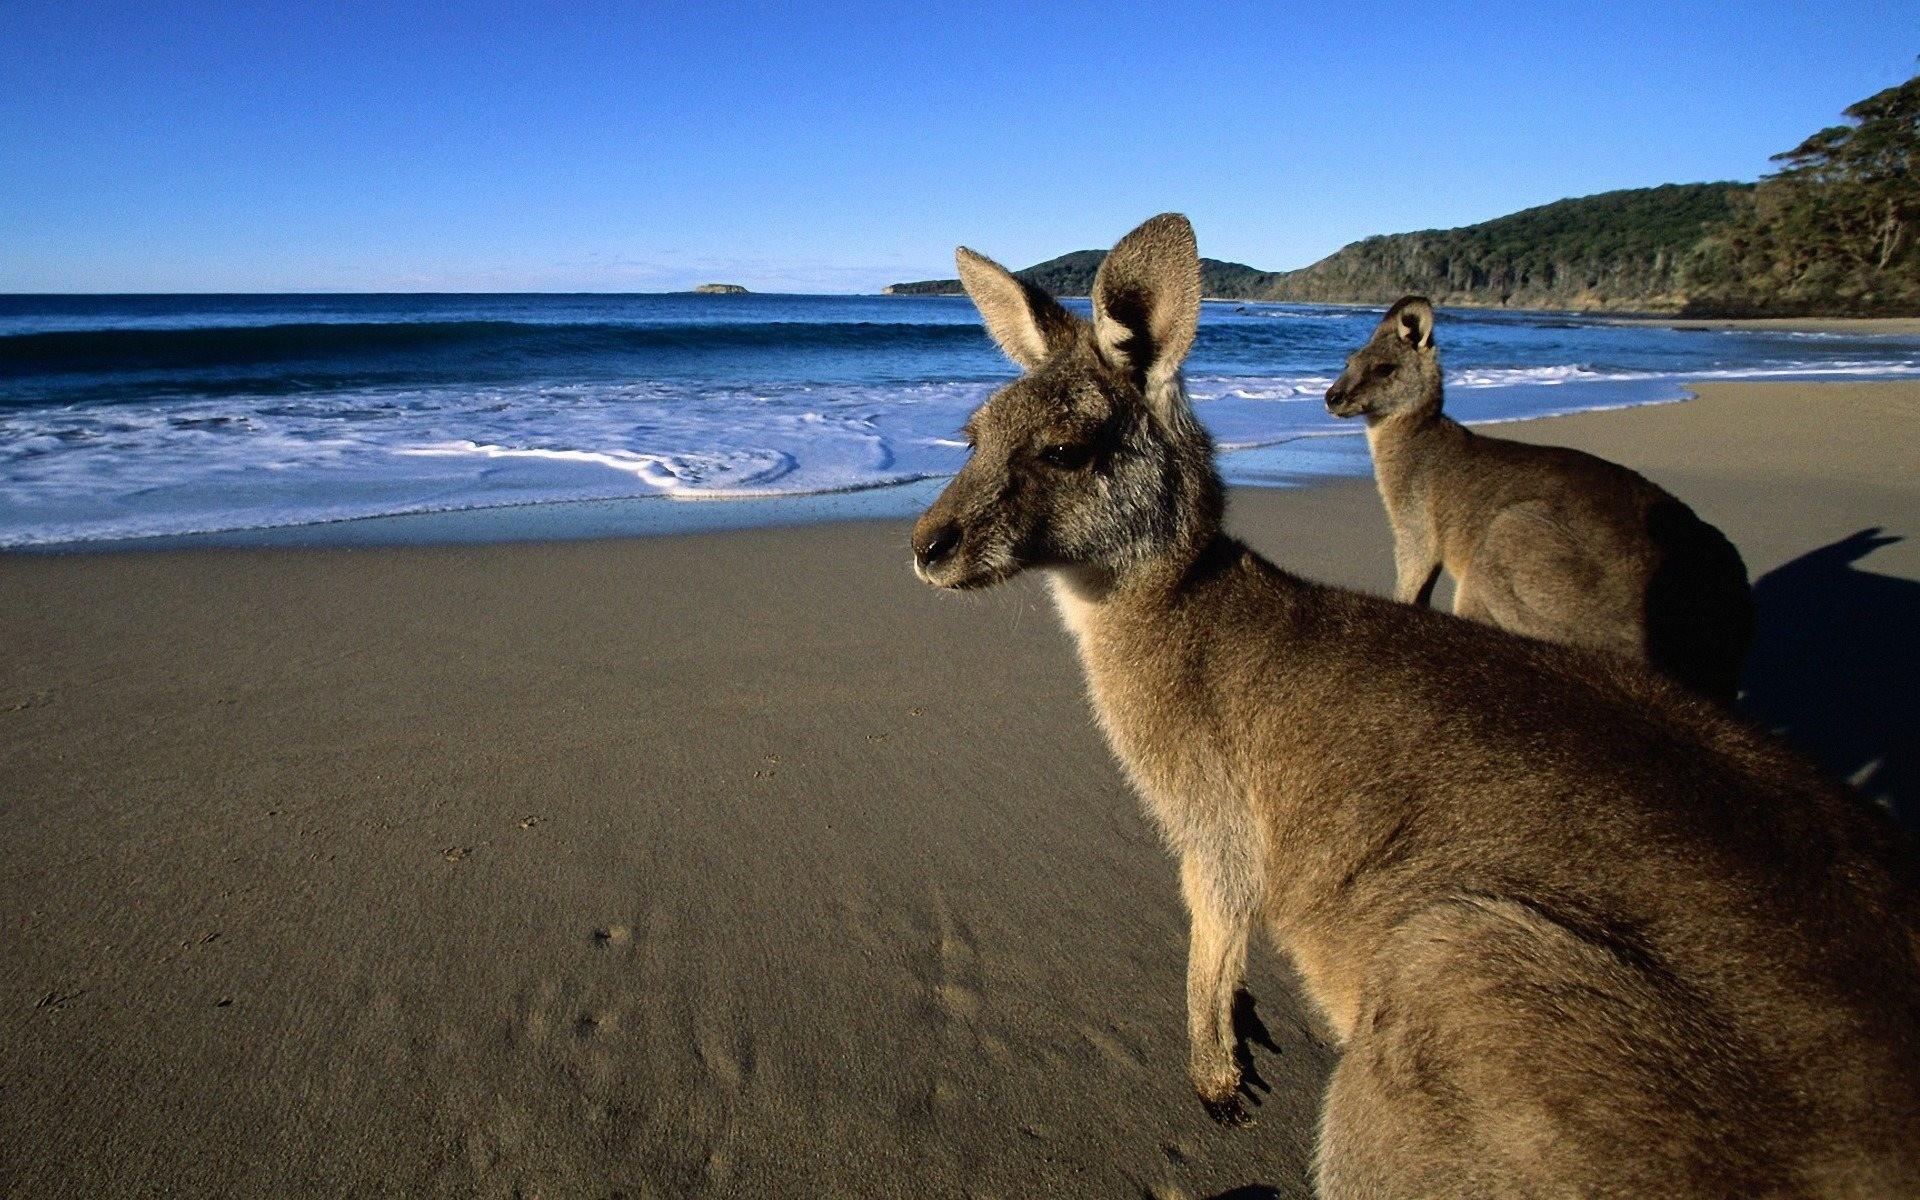 kangaroo wallpaper free